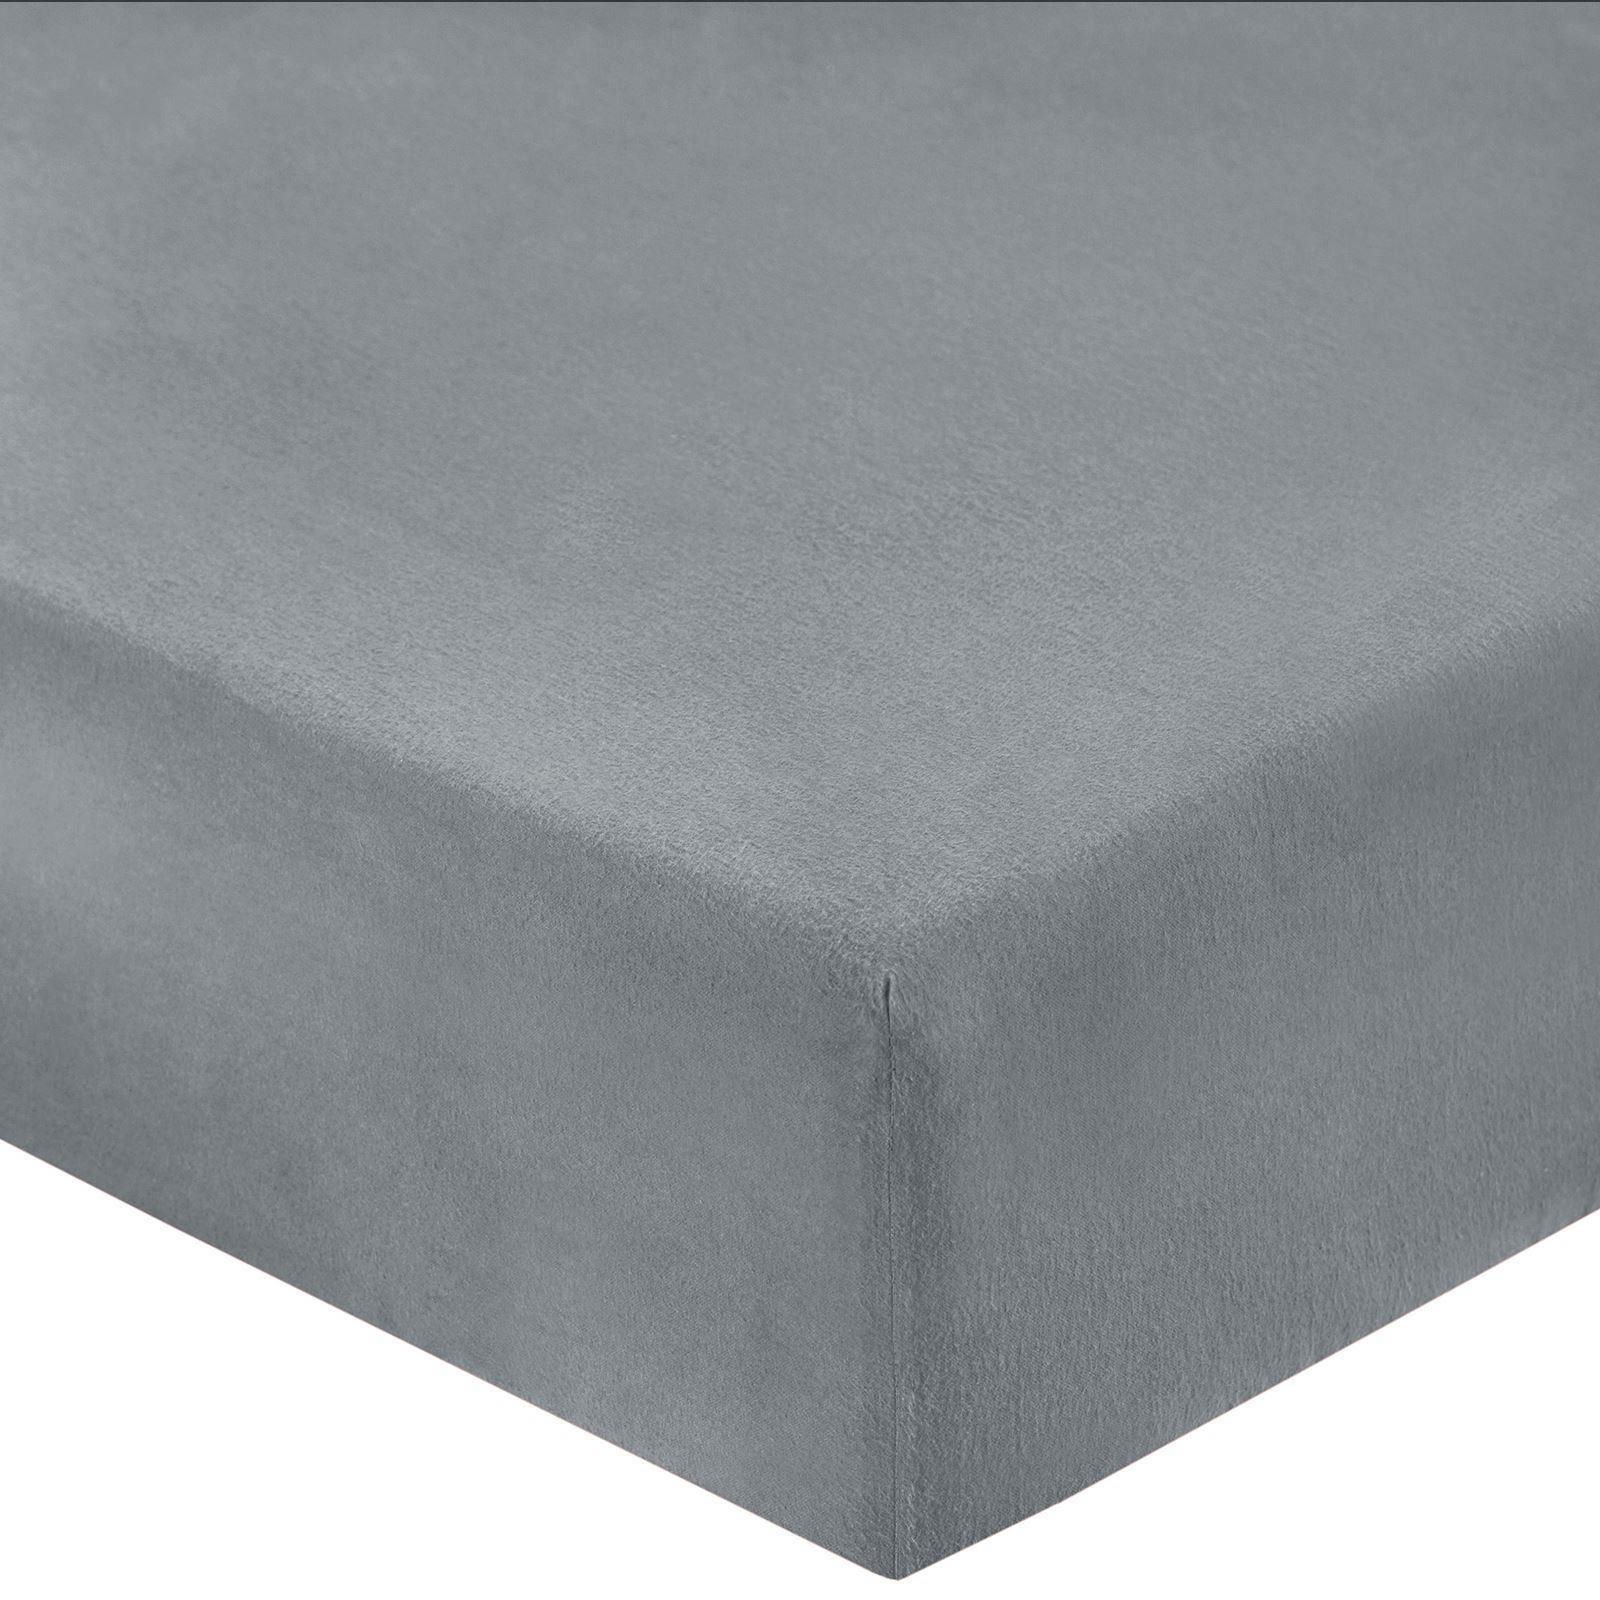 Melange-Gris-Tejido-Tartan-Cuadros-Franela-de-algodon-cepillado-funda-nordica-flanelita miniatura 11